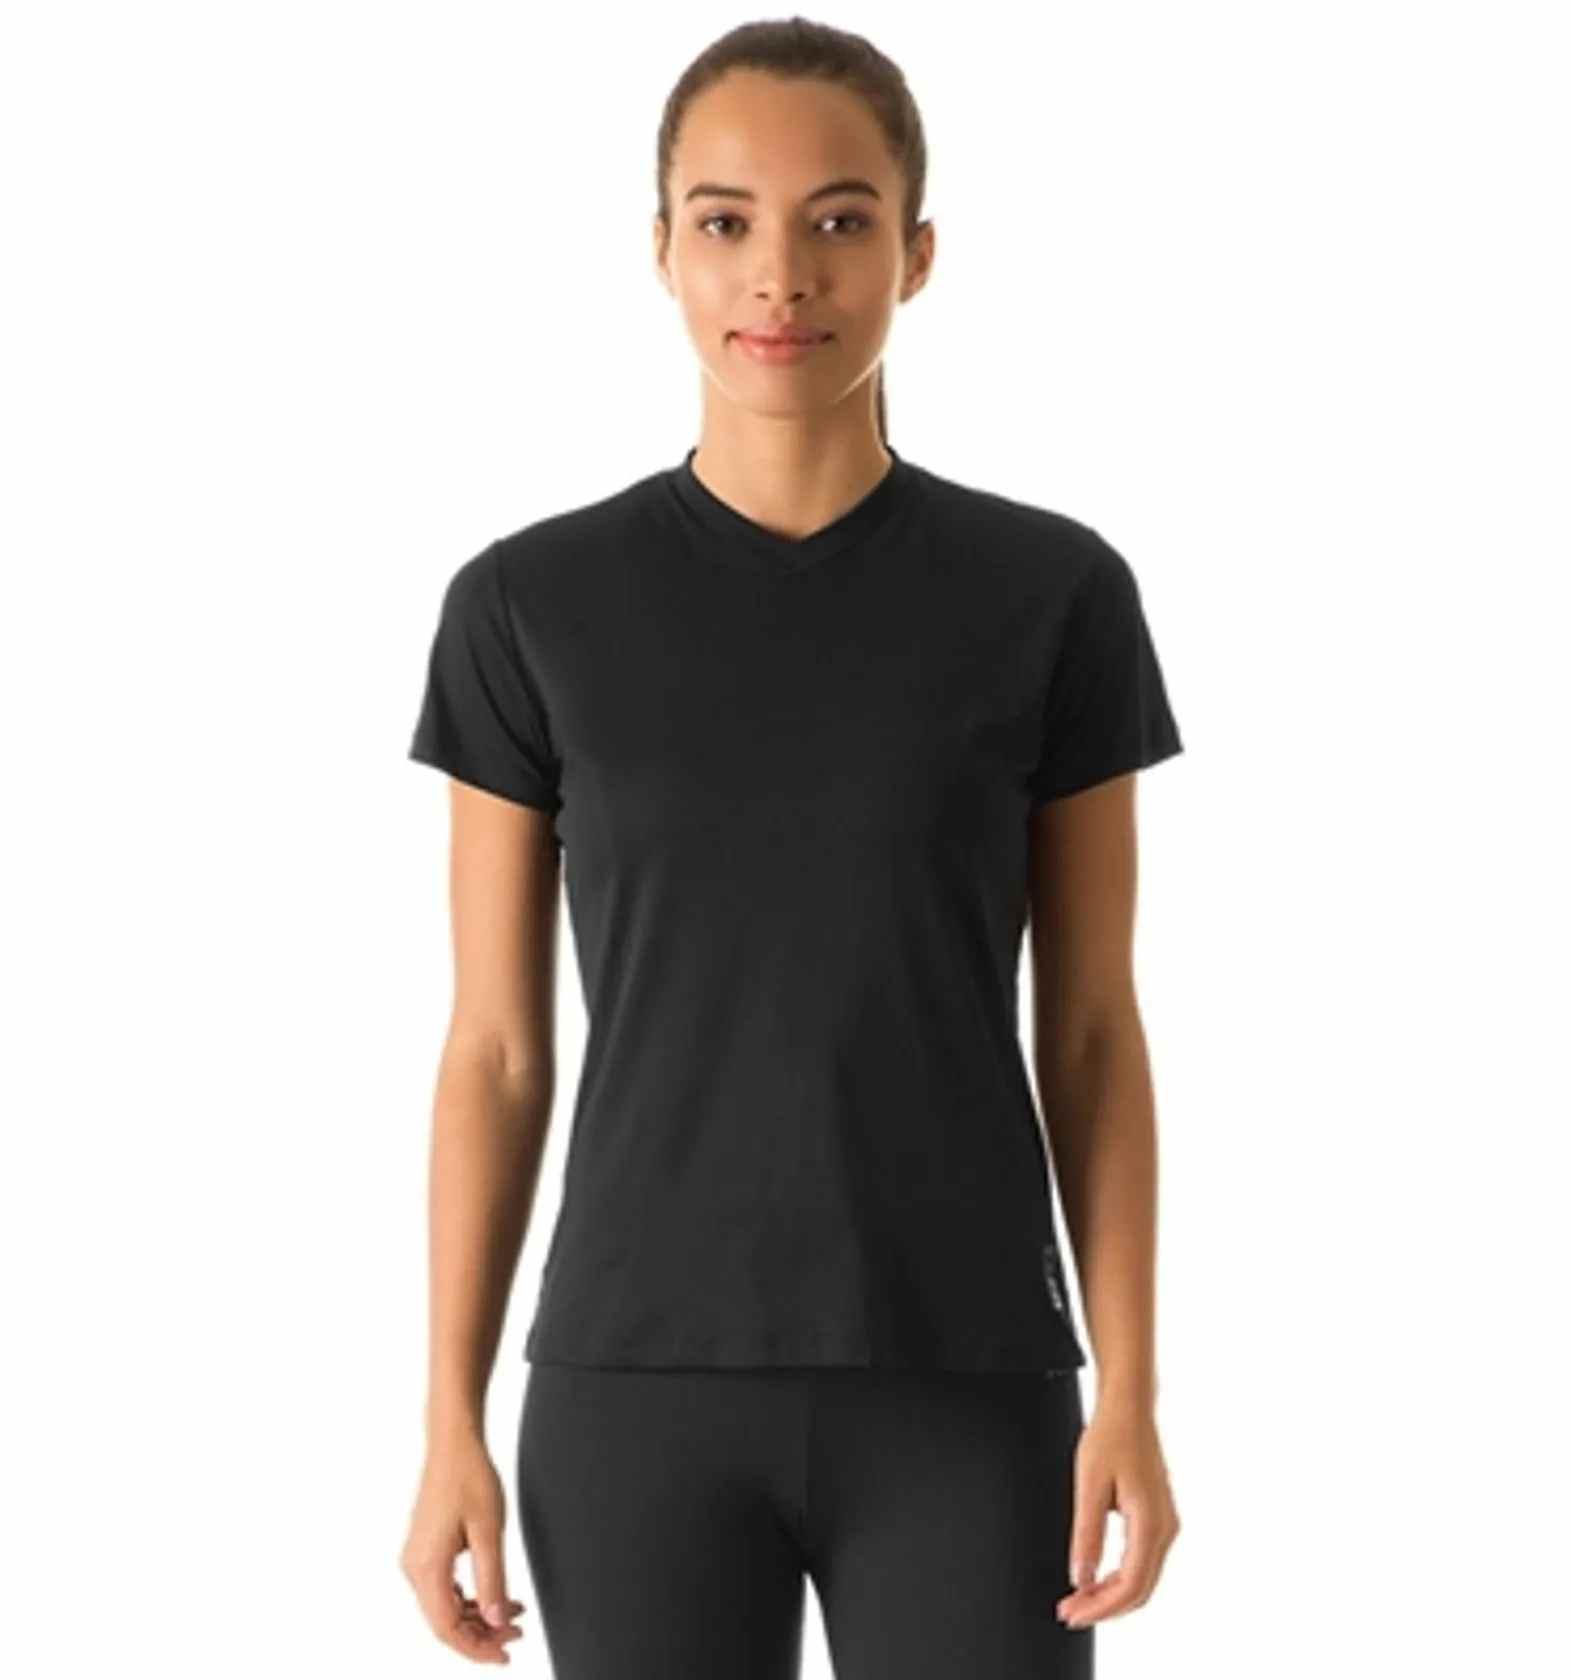 UV LINE Camiseta Sport Fit Manga Curta Feminino Preto Proteção Solar